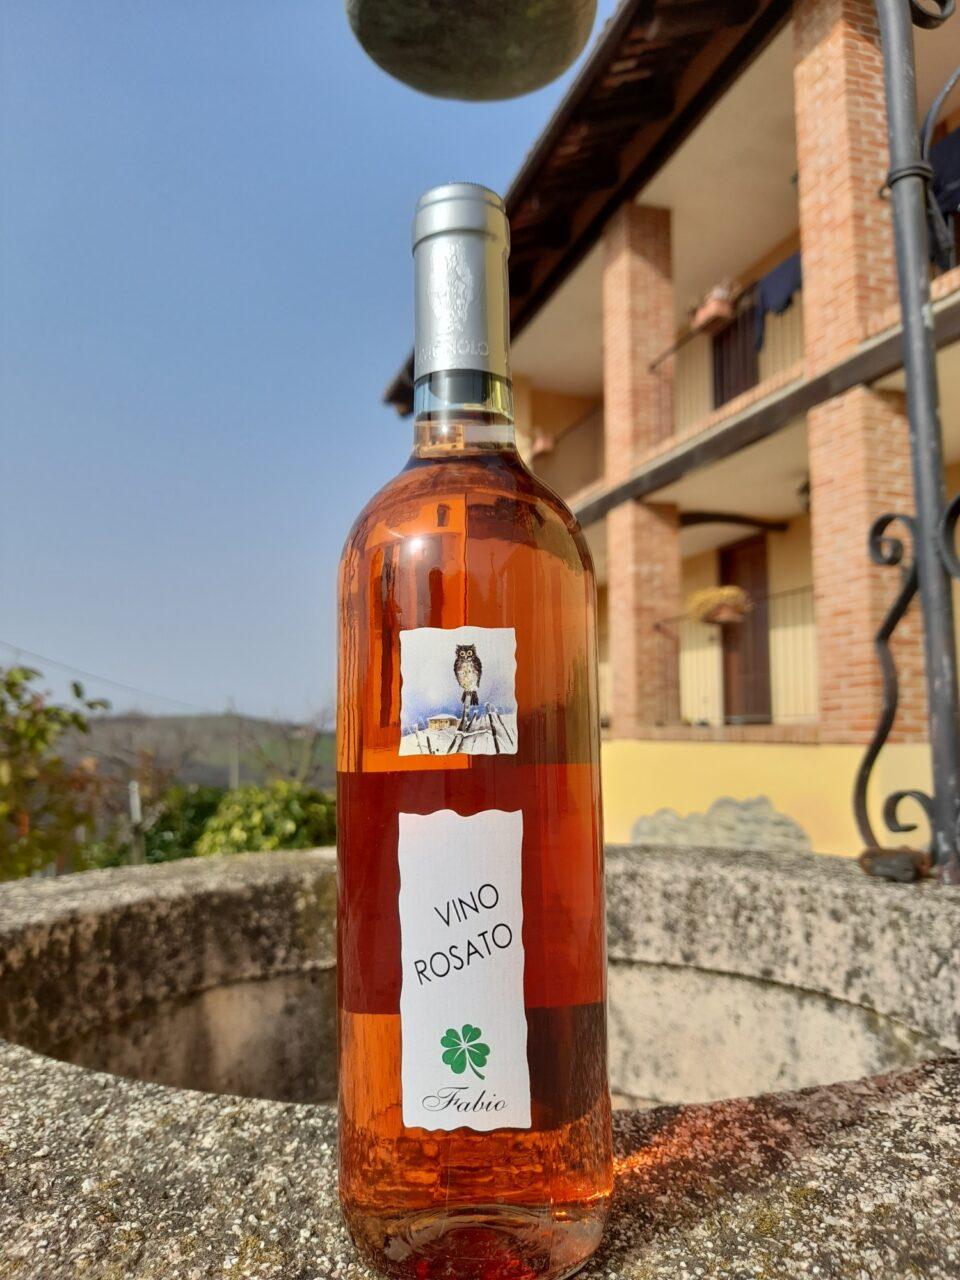 bottiglia di Vino rosato Fabio